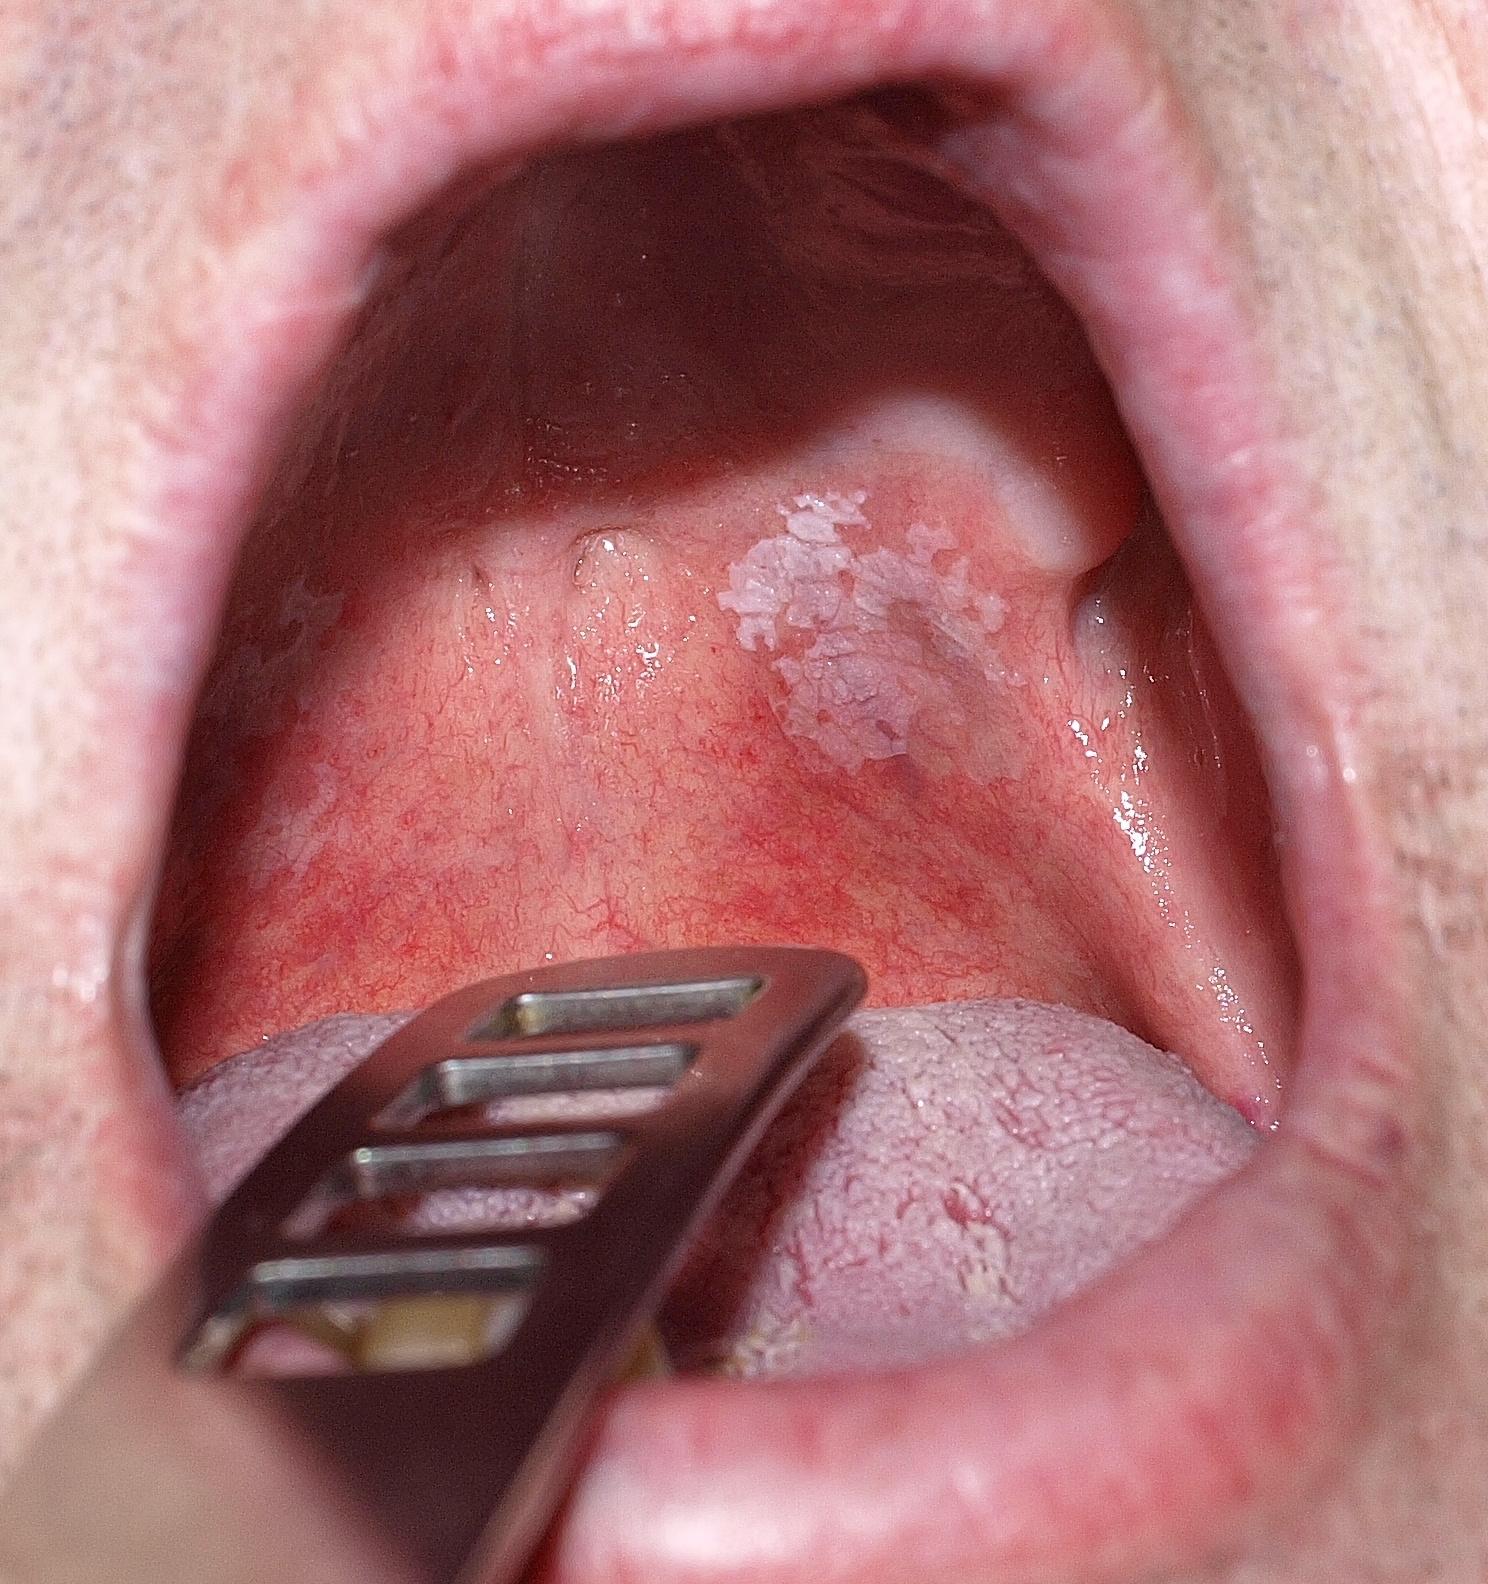 acetonszag jelei a szájból